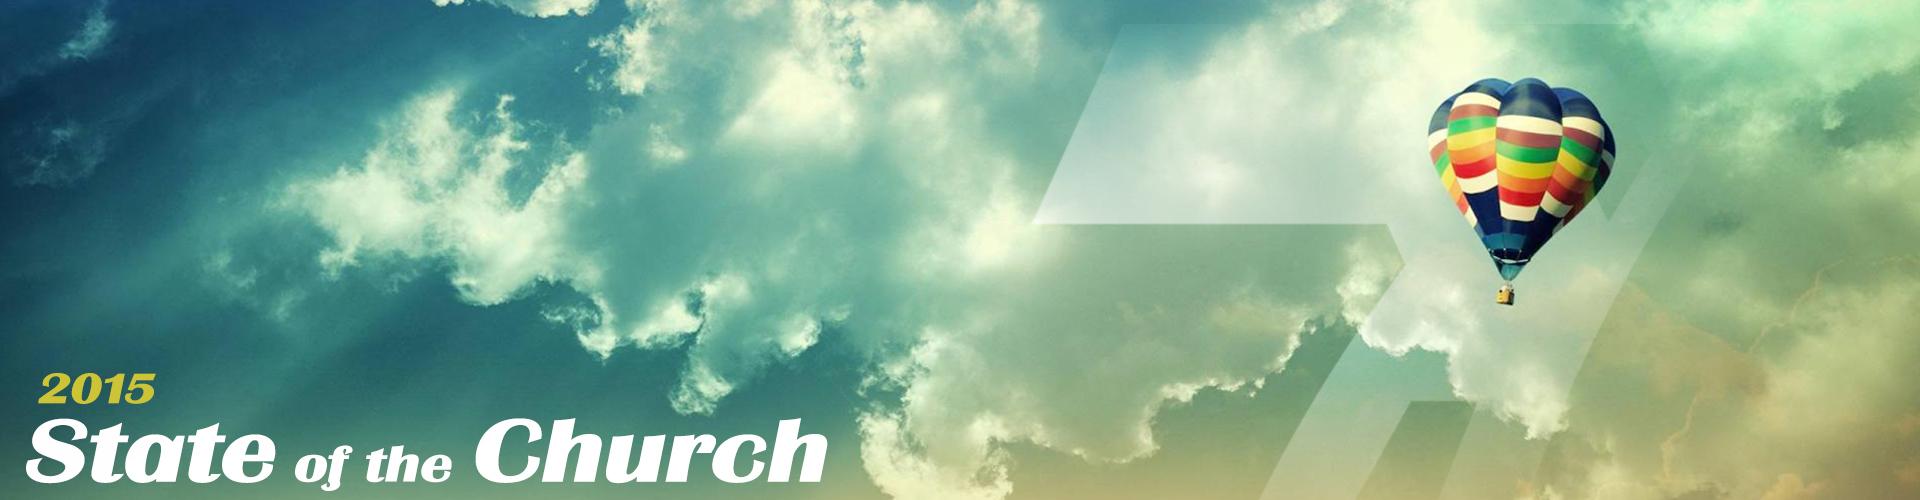 20150730-StateOfTheChurch-Slider